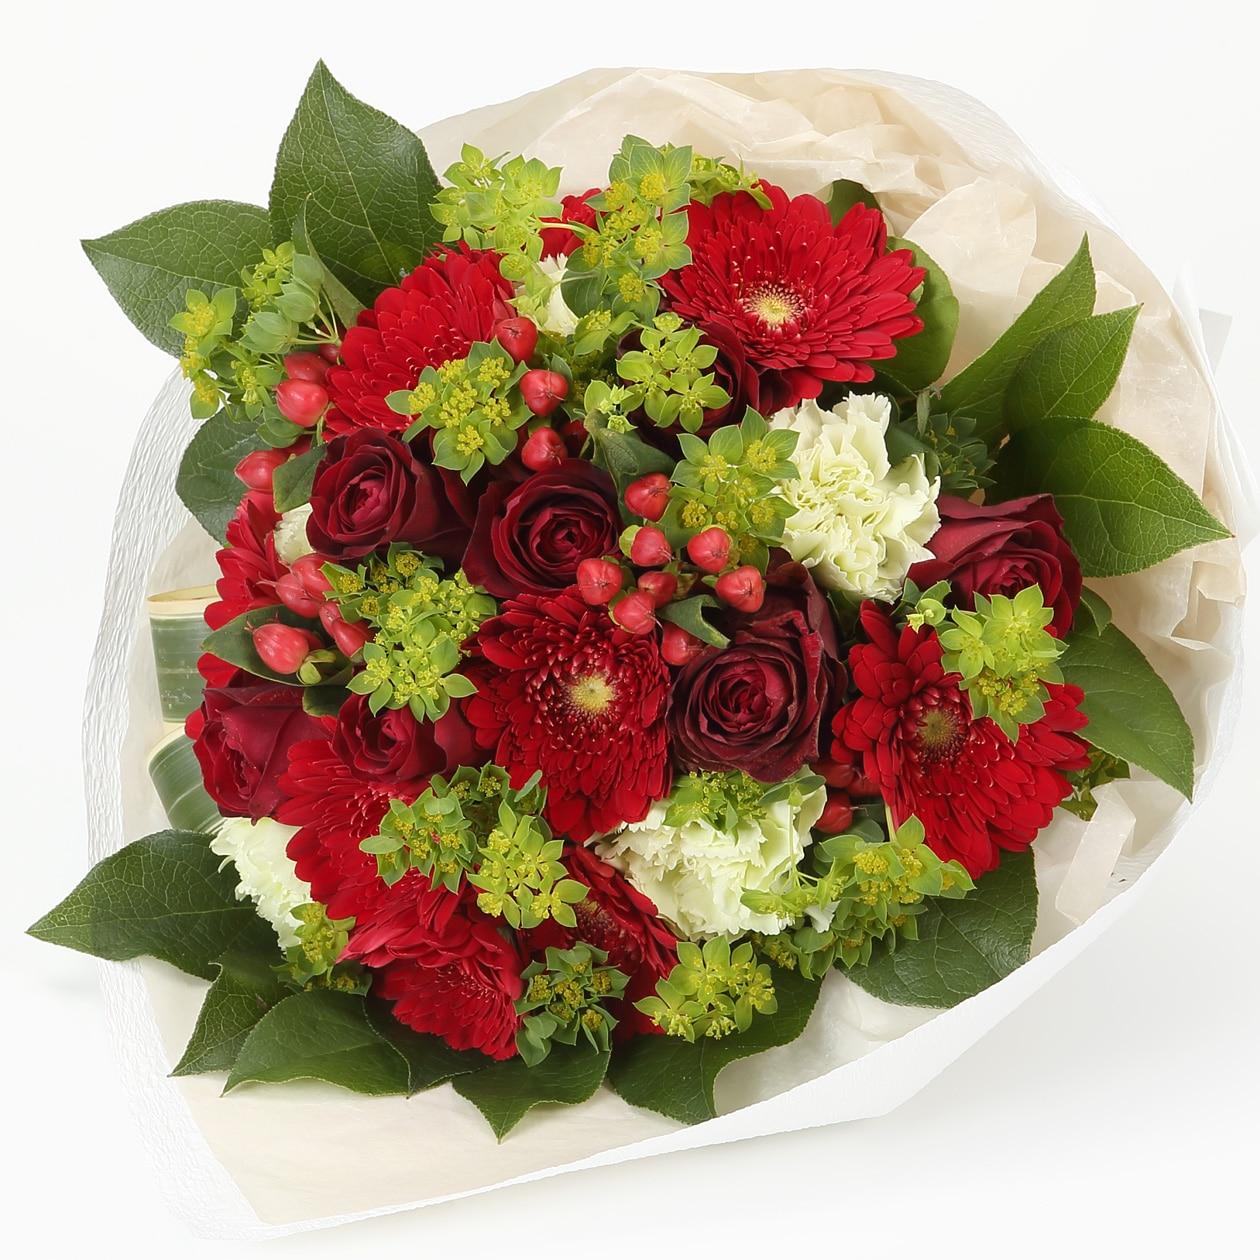 ネット限定】バラとガーベラのブーケ・L赤 通販